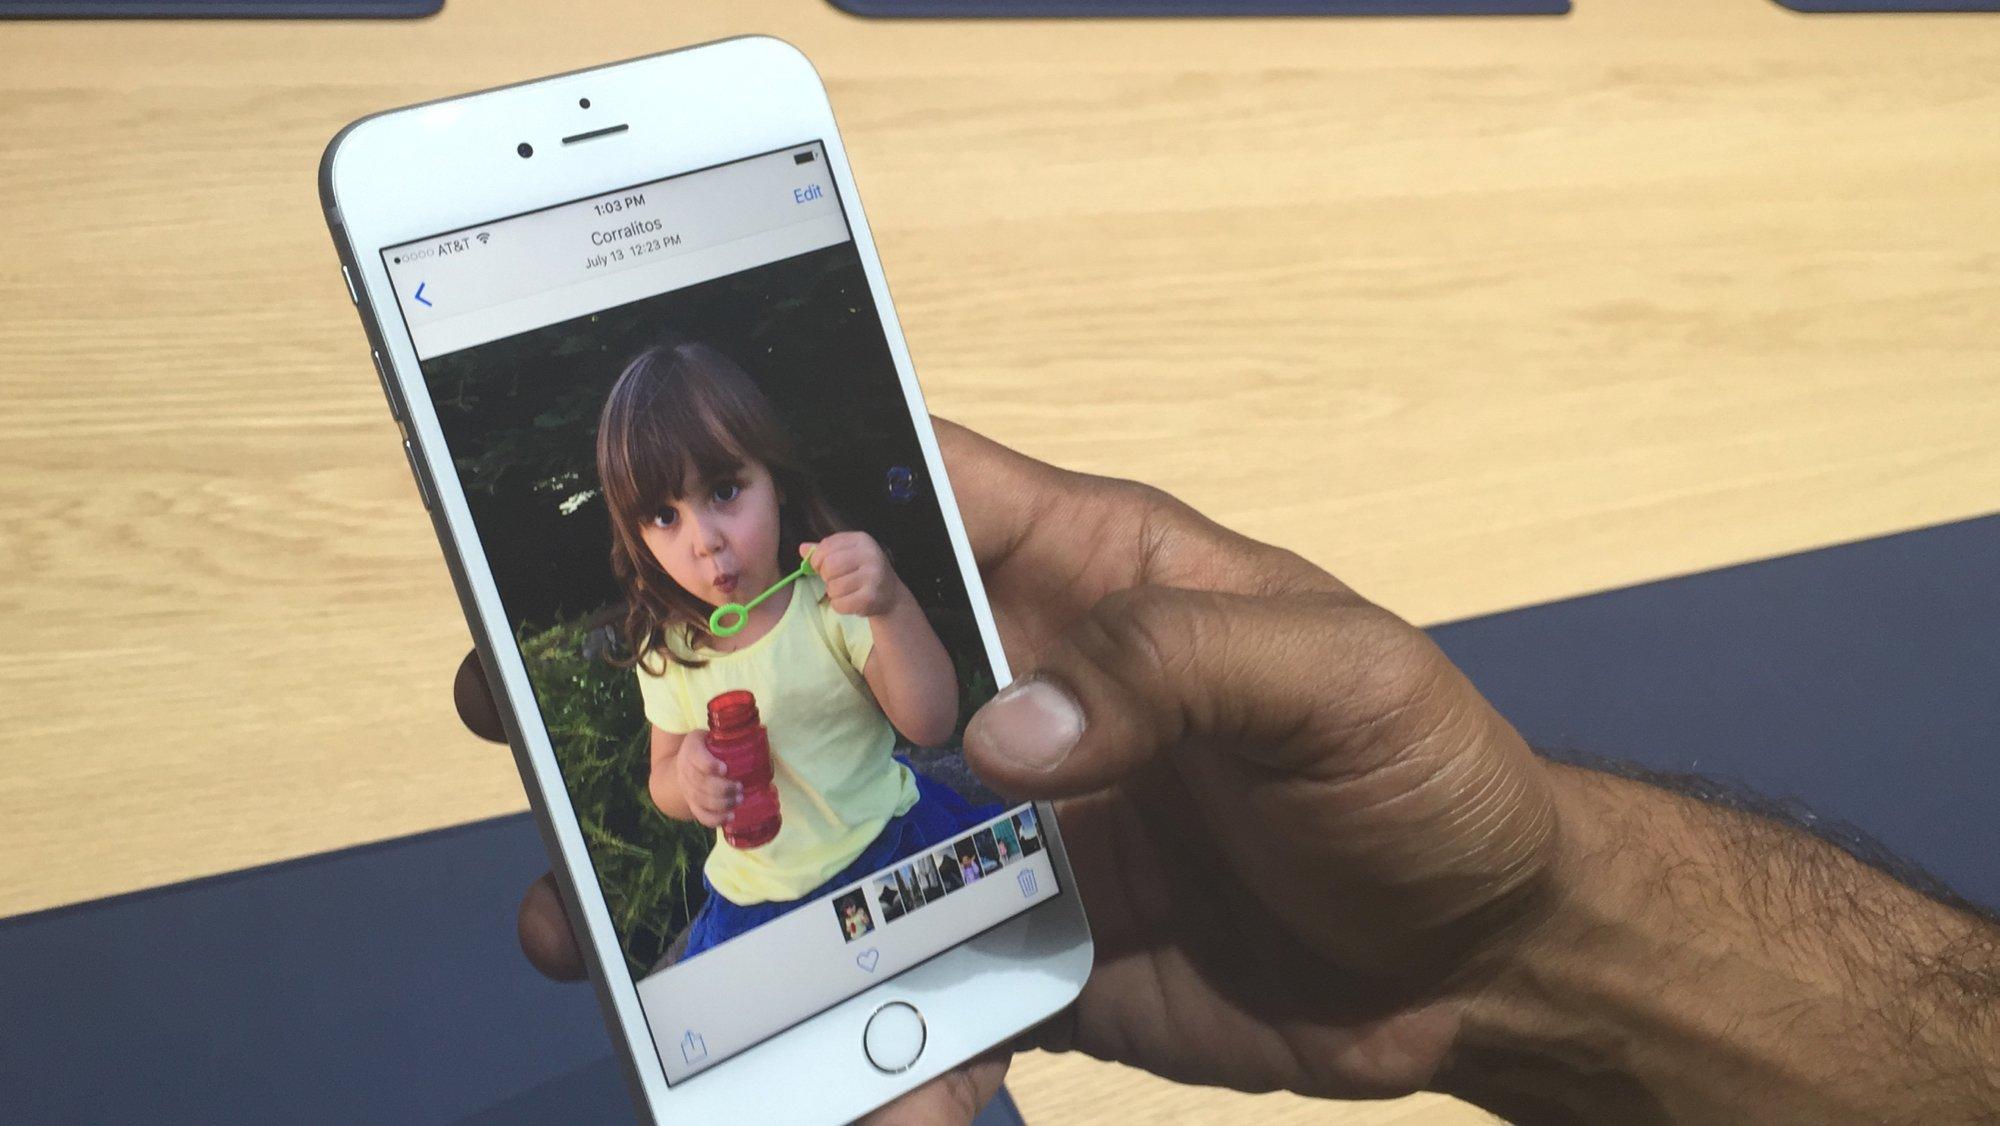 как фоткать живые фото на айфоне представление детей малой